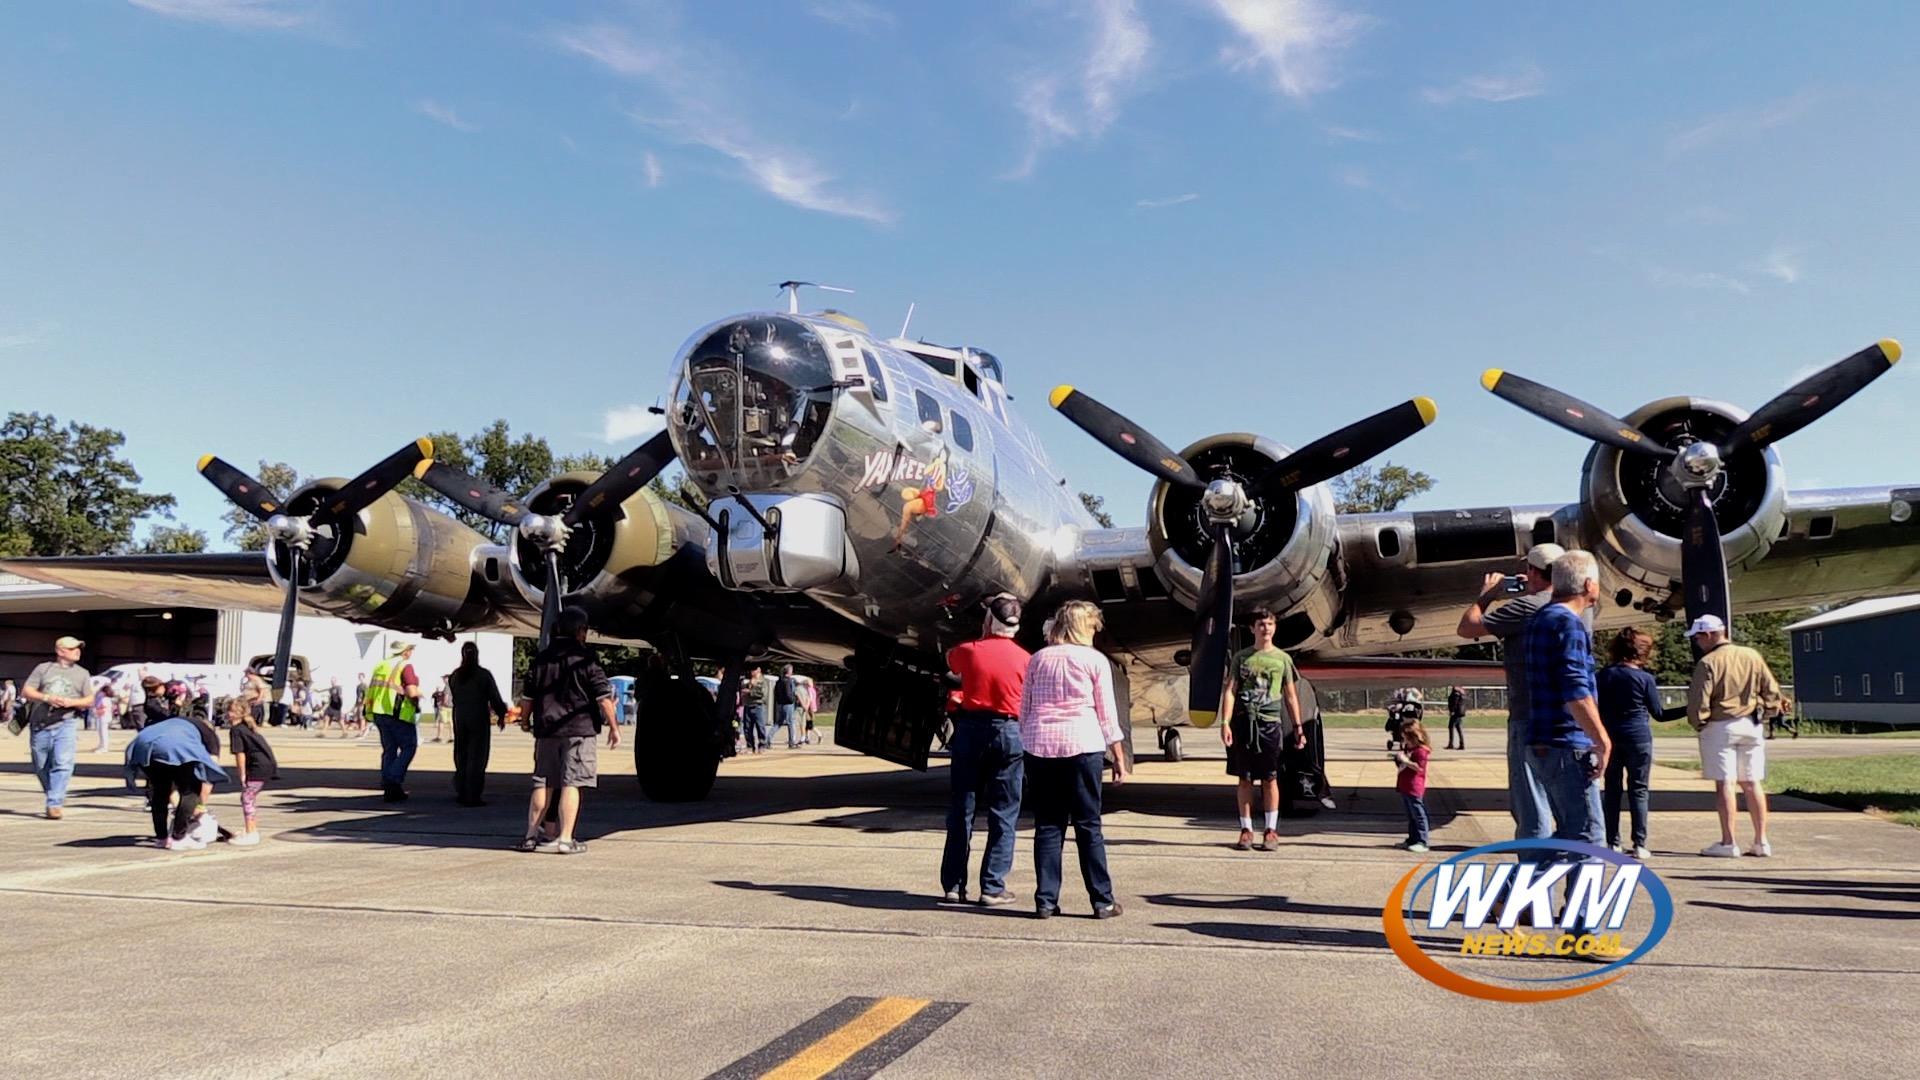 Madison Municipal Airport's 20th Annual Air Show